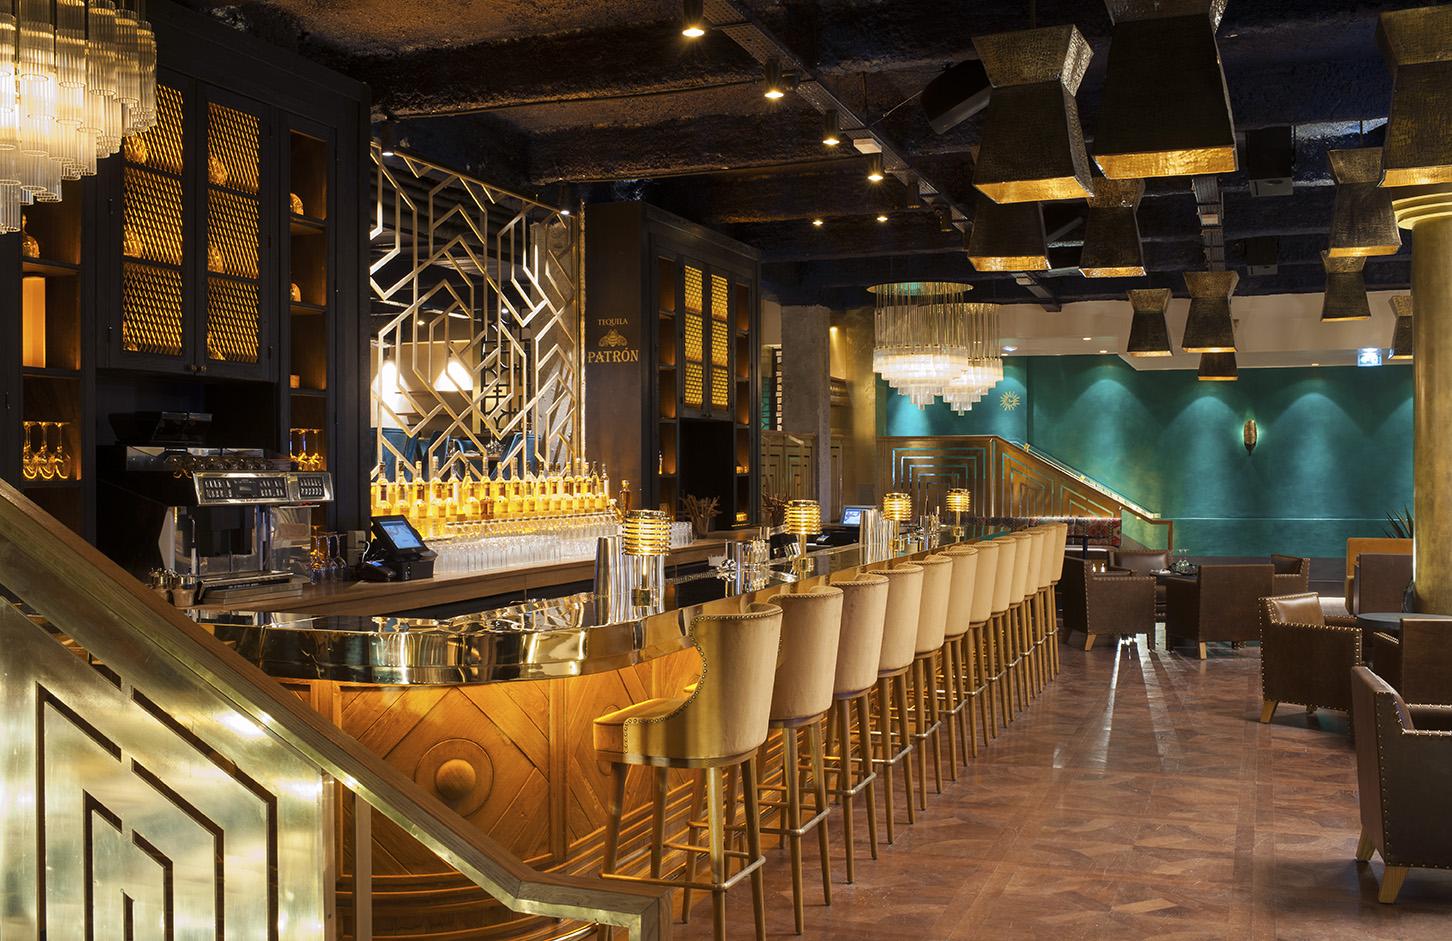 le bar  u00e0 cocktails du manko paris